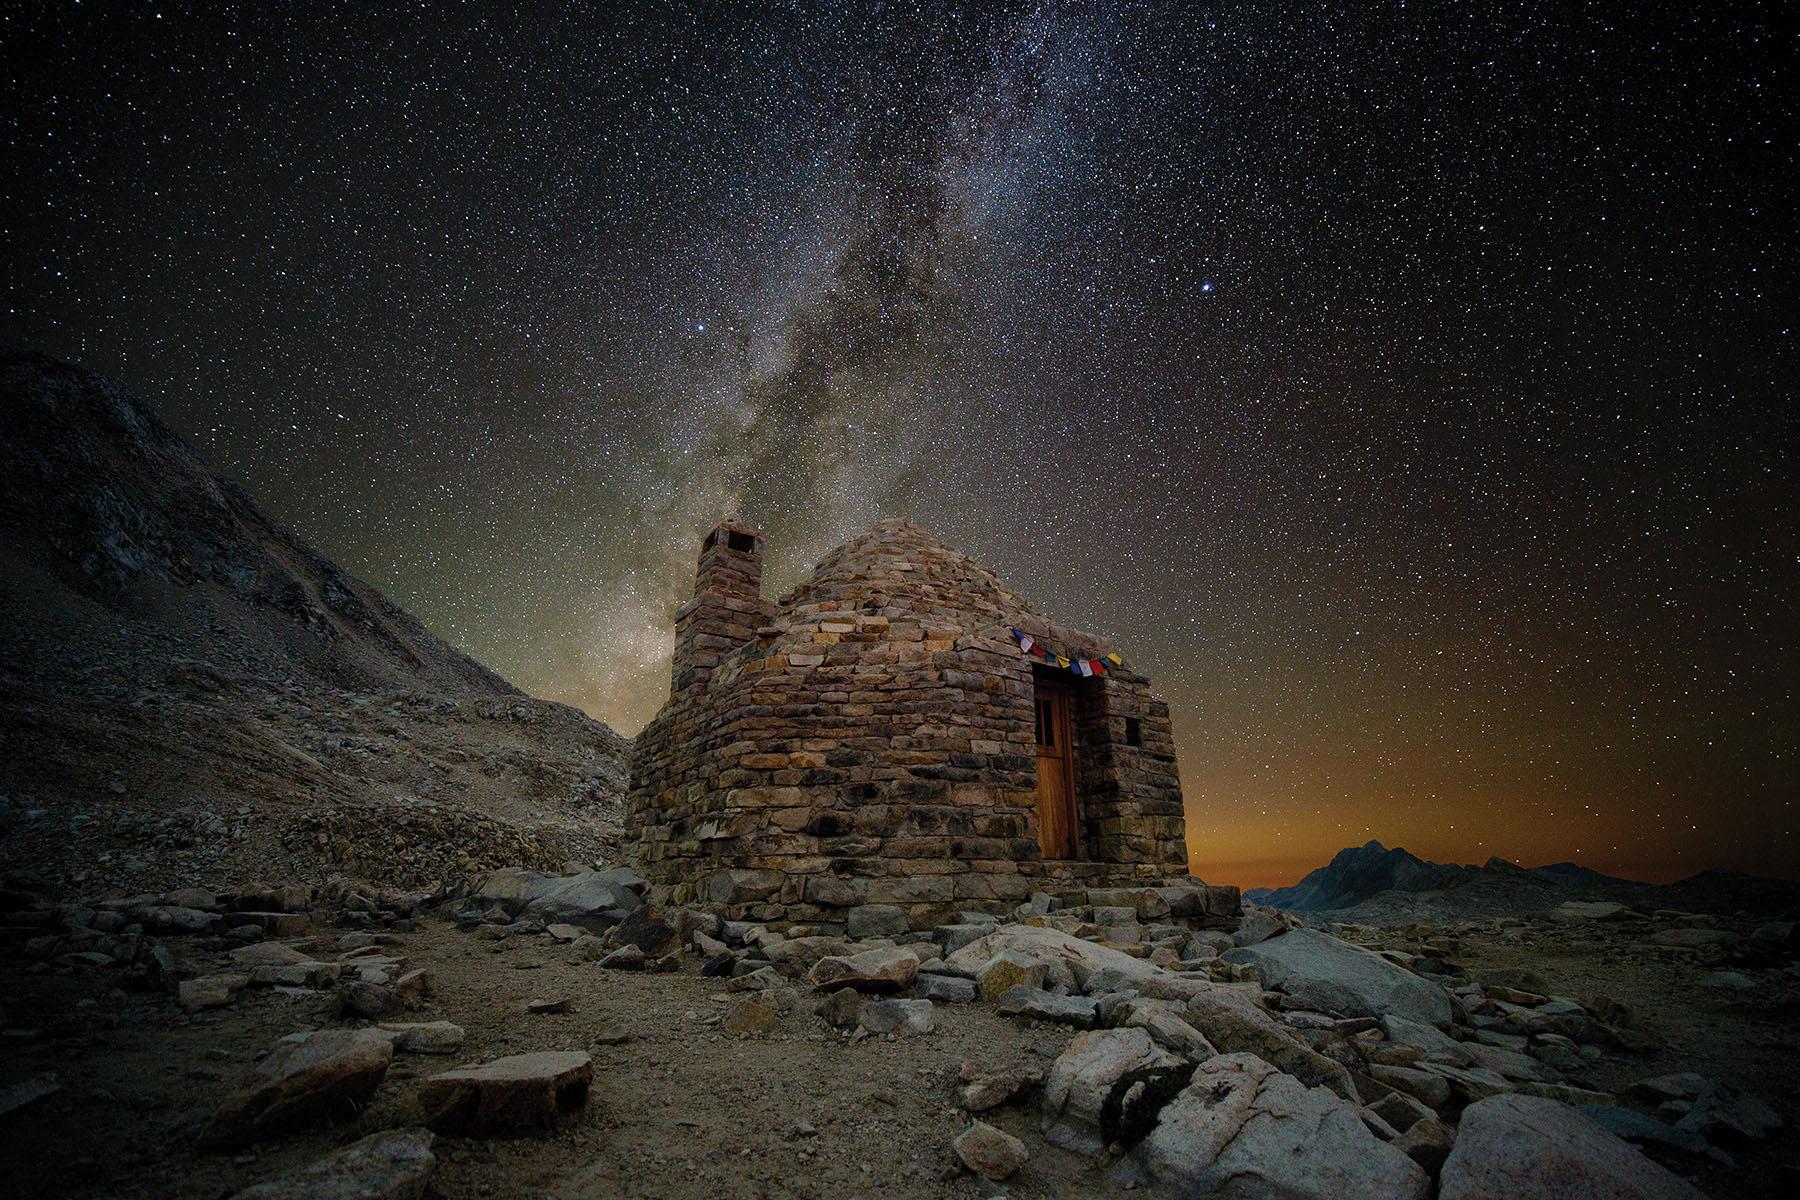 Muir Hut under the Milky Way